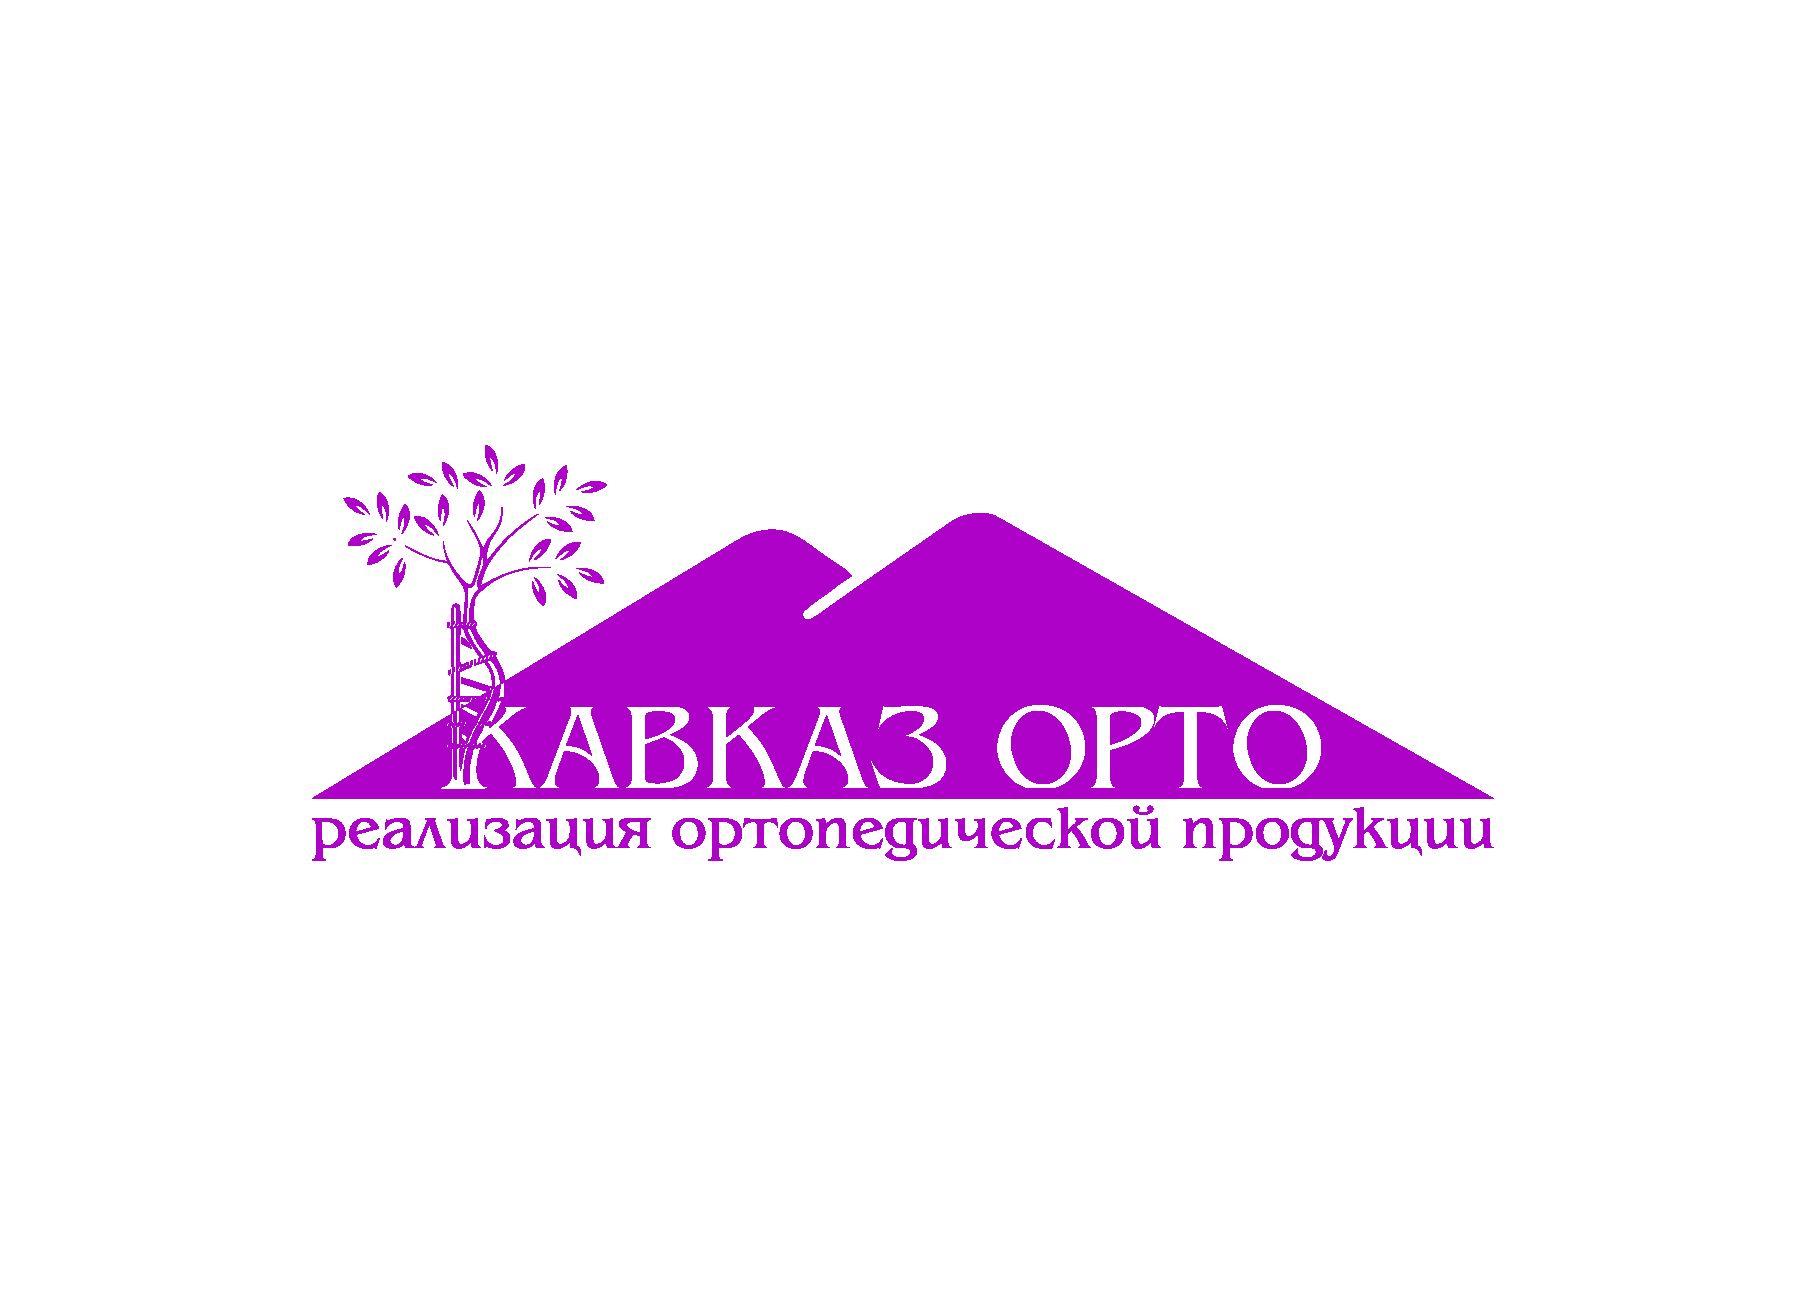 Логотип для ортопедического салона - дизайнер bor23